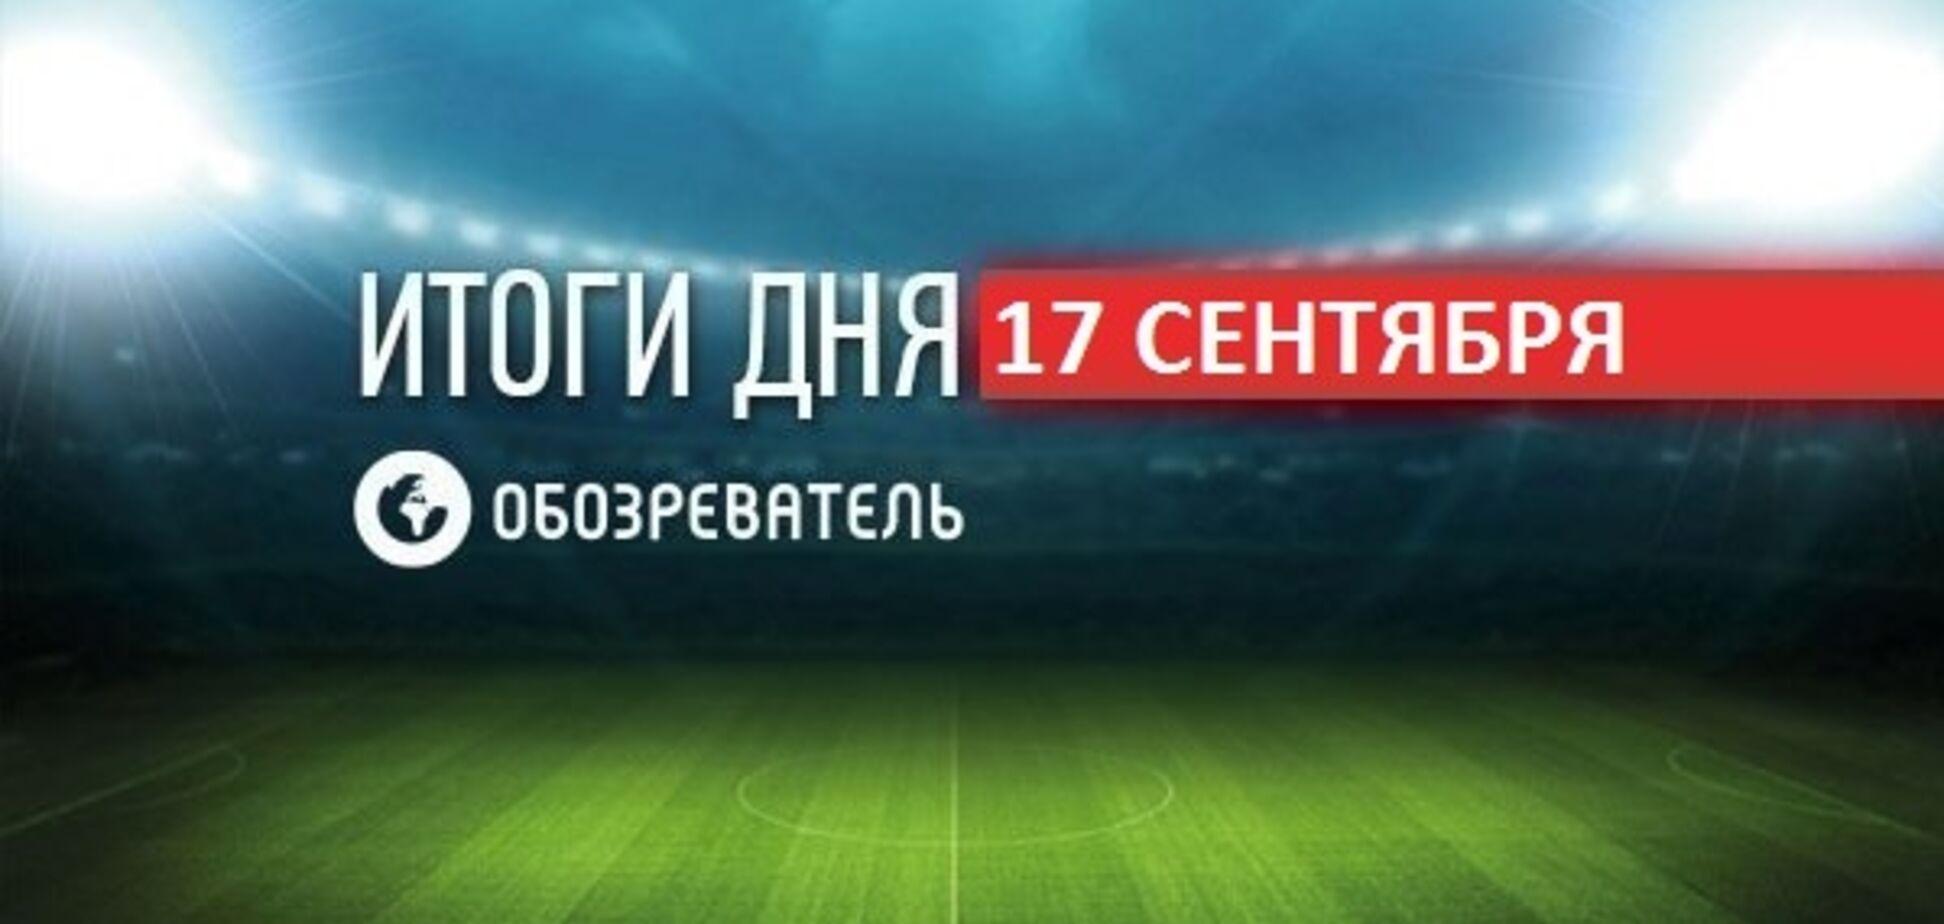 Суркис пригрозил игрокам 'Динамо': спортивные итоги 17 сентября